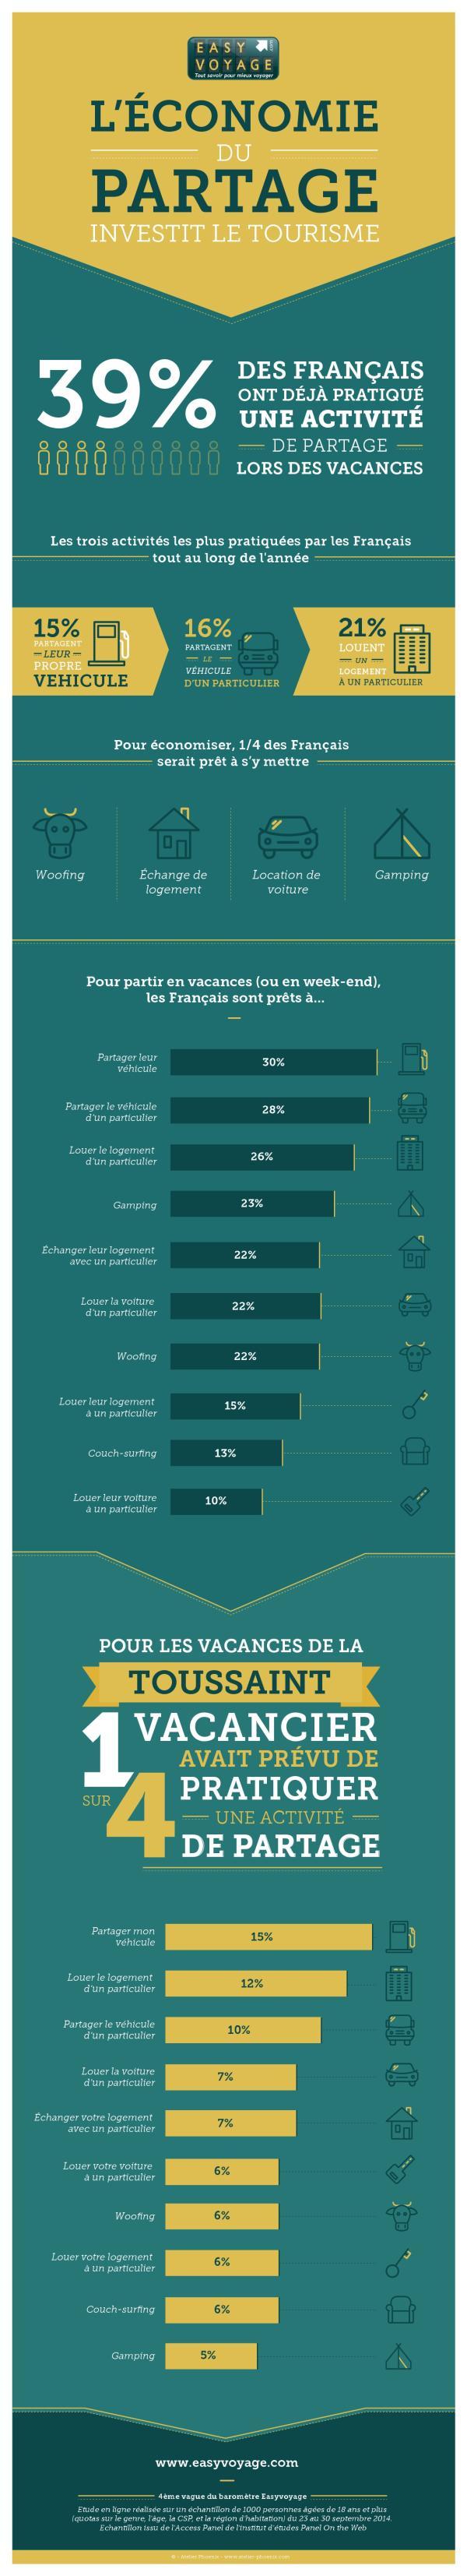 Infographie réalisée grâce à une enquête sur un échantillon de 1000 personnes en septembre 2014.